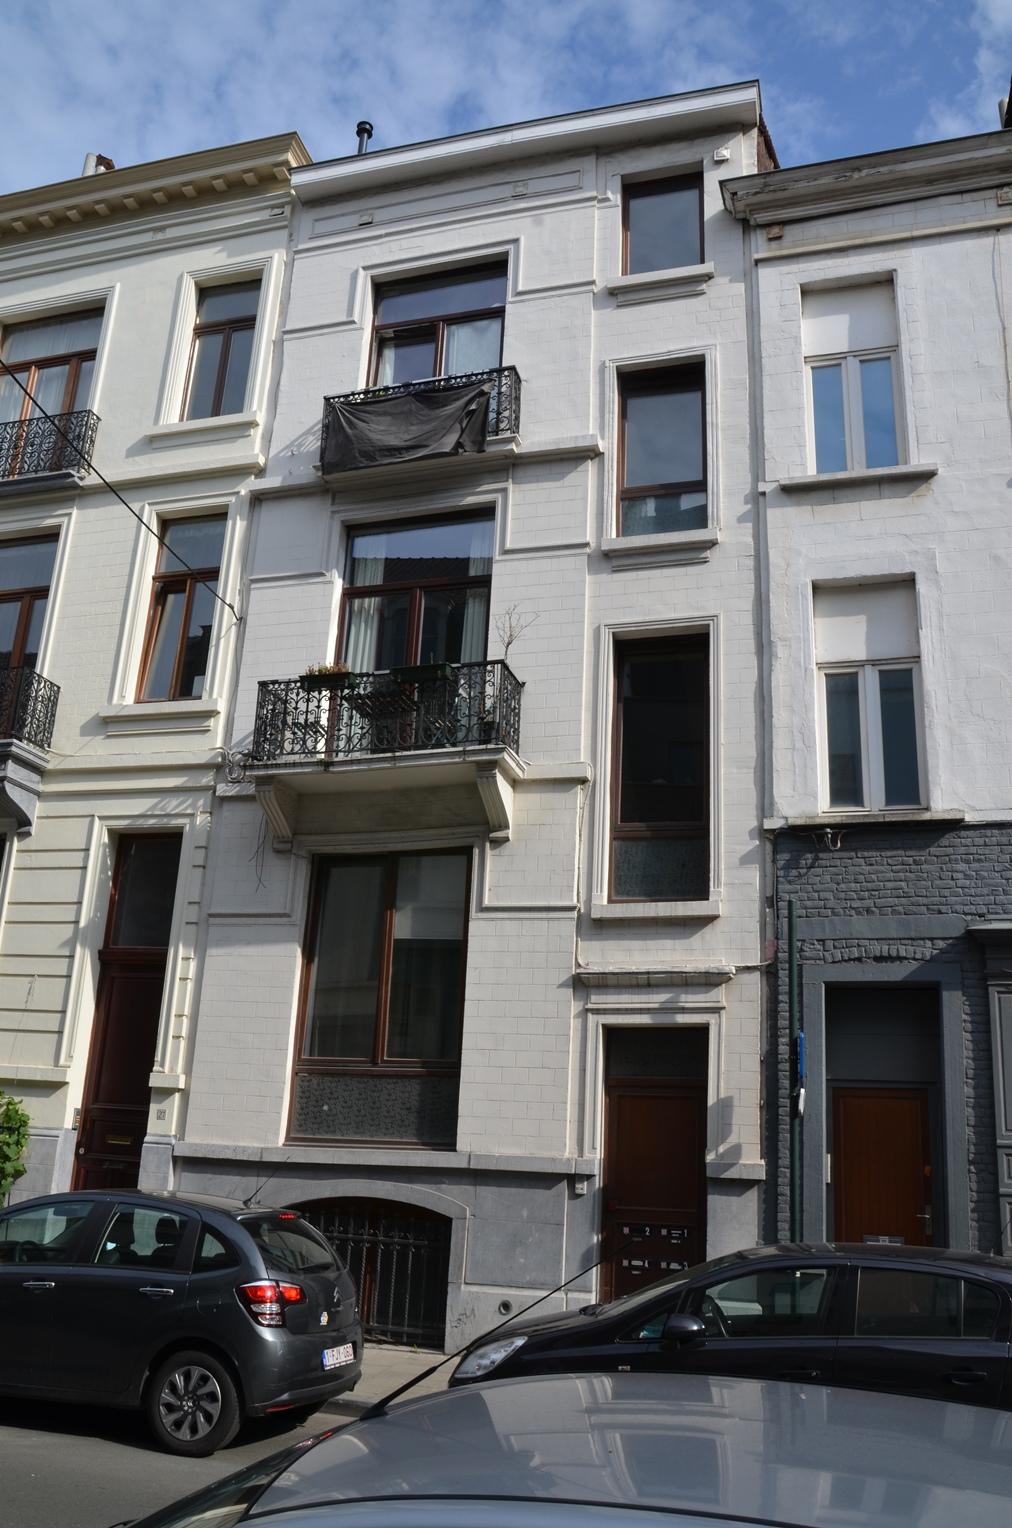 Locquenghienstraat 25, 2015